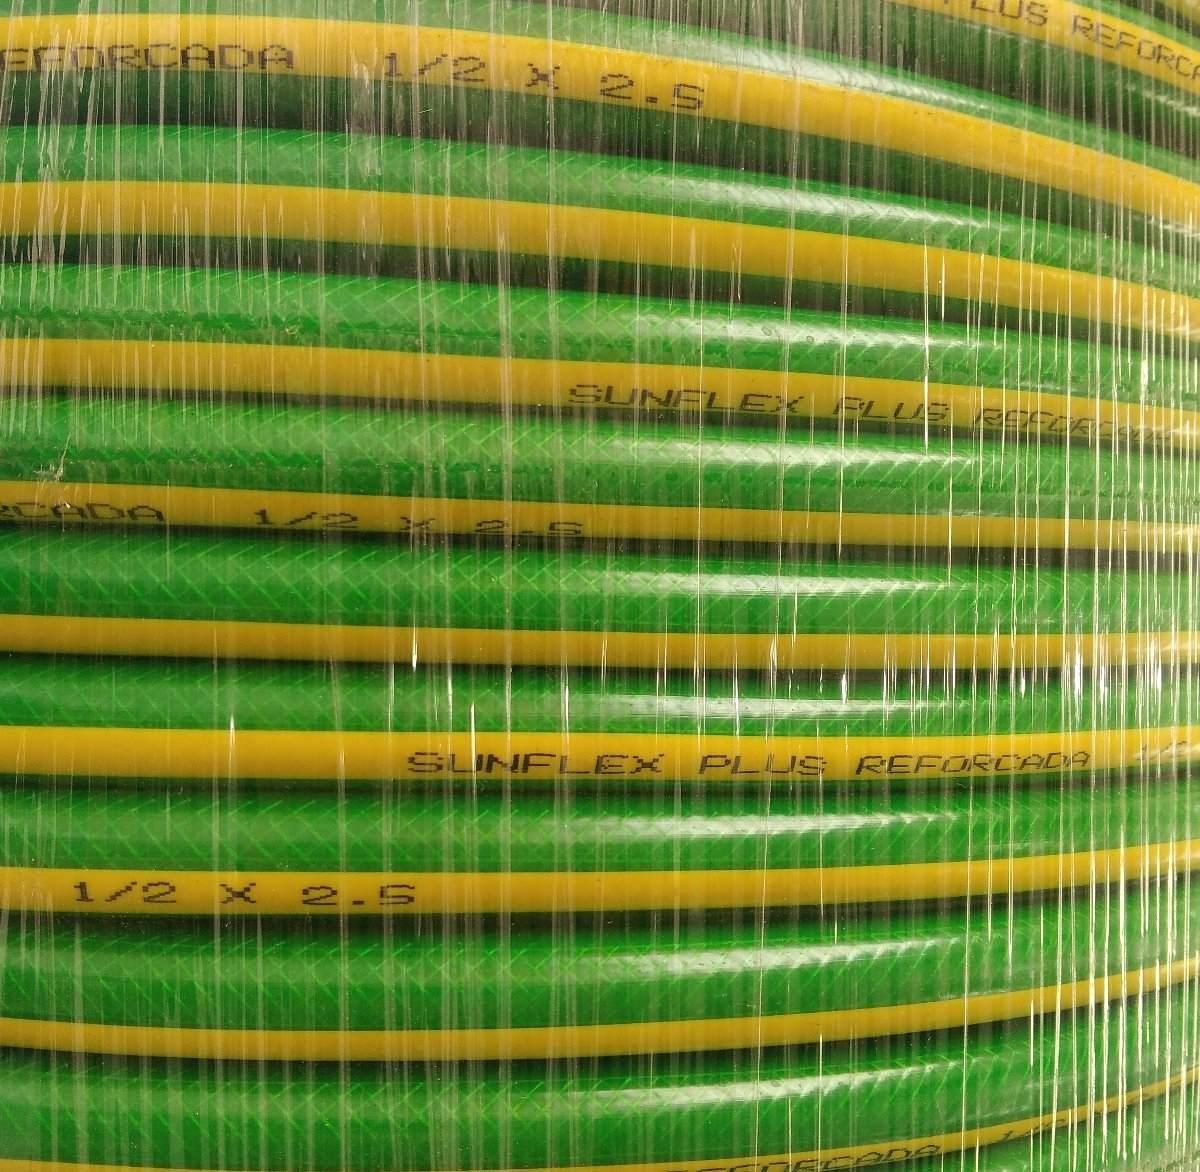 Mangueira de jardim Reforçada Sunflex Multicores